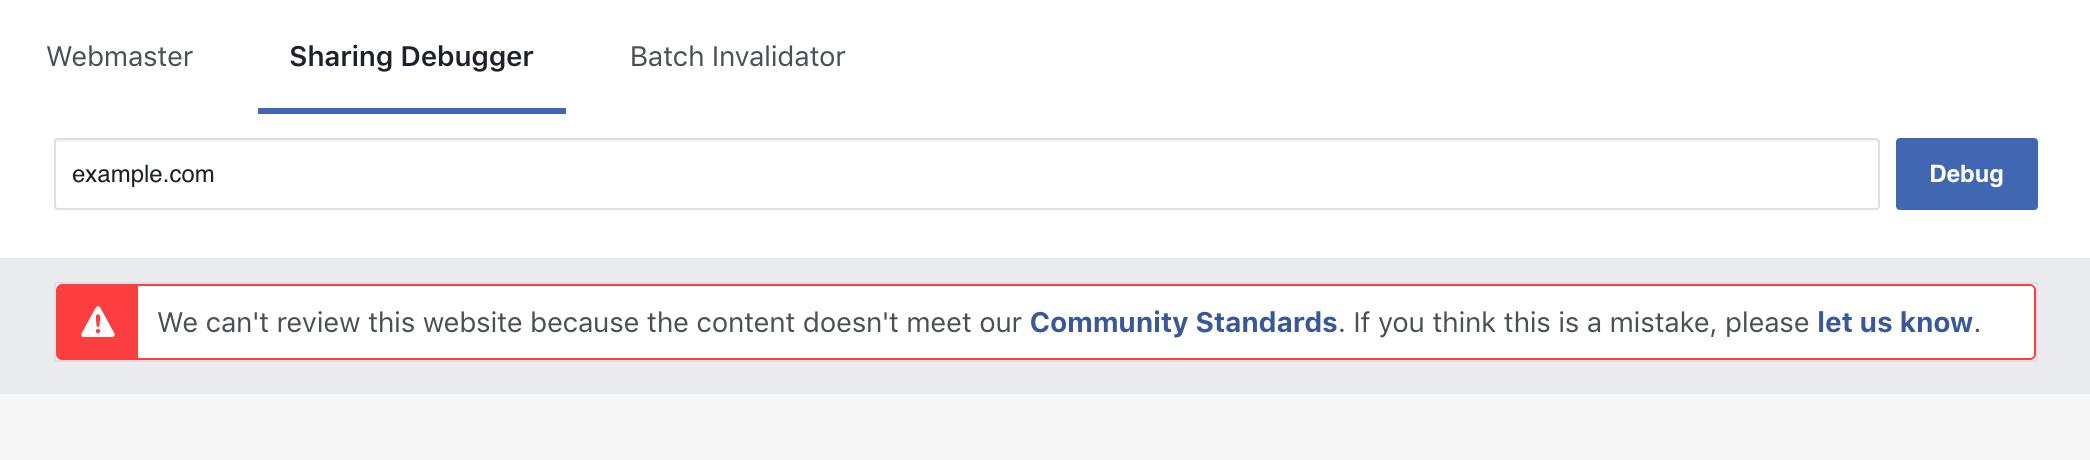 如何取消对Facebook-2上被阻止的URL的解锁方法如何取消对Facebook上被阻止的URL的访问